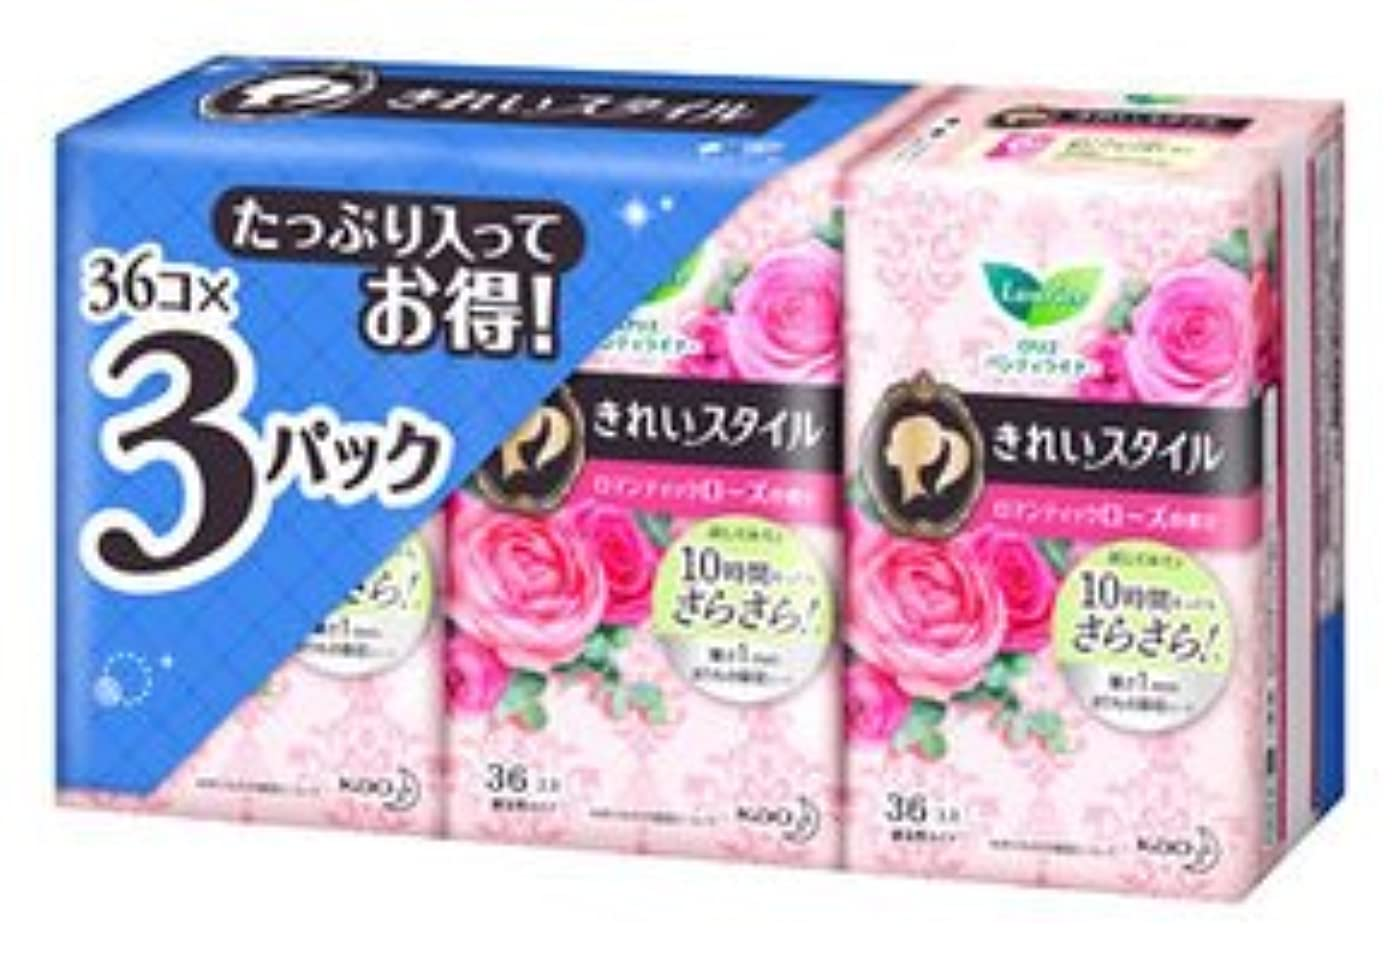 セイはさておき意気込みインフルエンザ花王 ロリエ きれいスタイル ロマンティックローズ (36個×3パック) パンティライナー